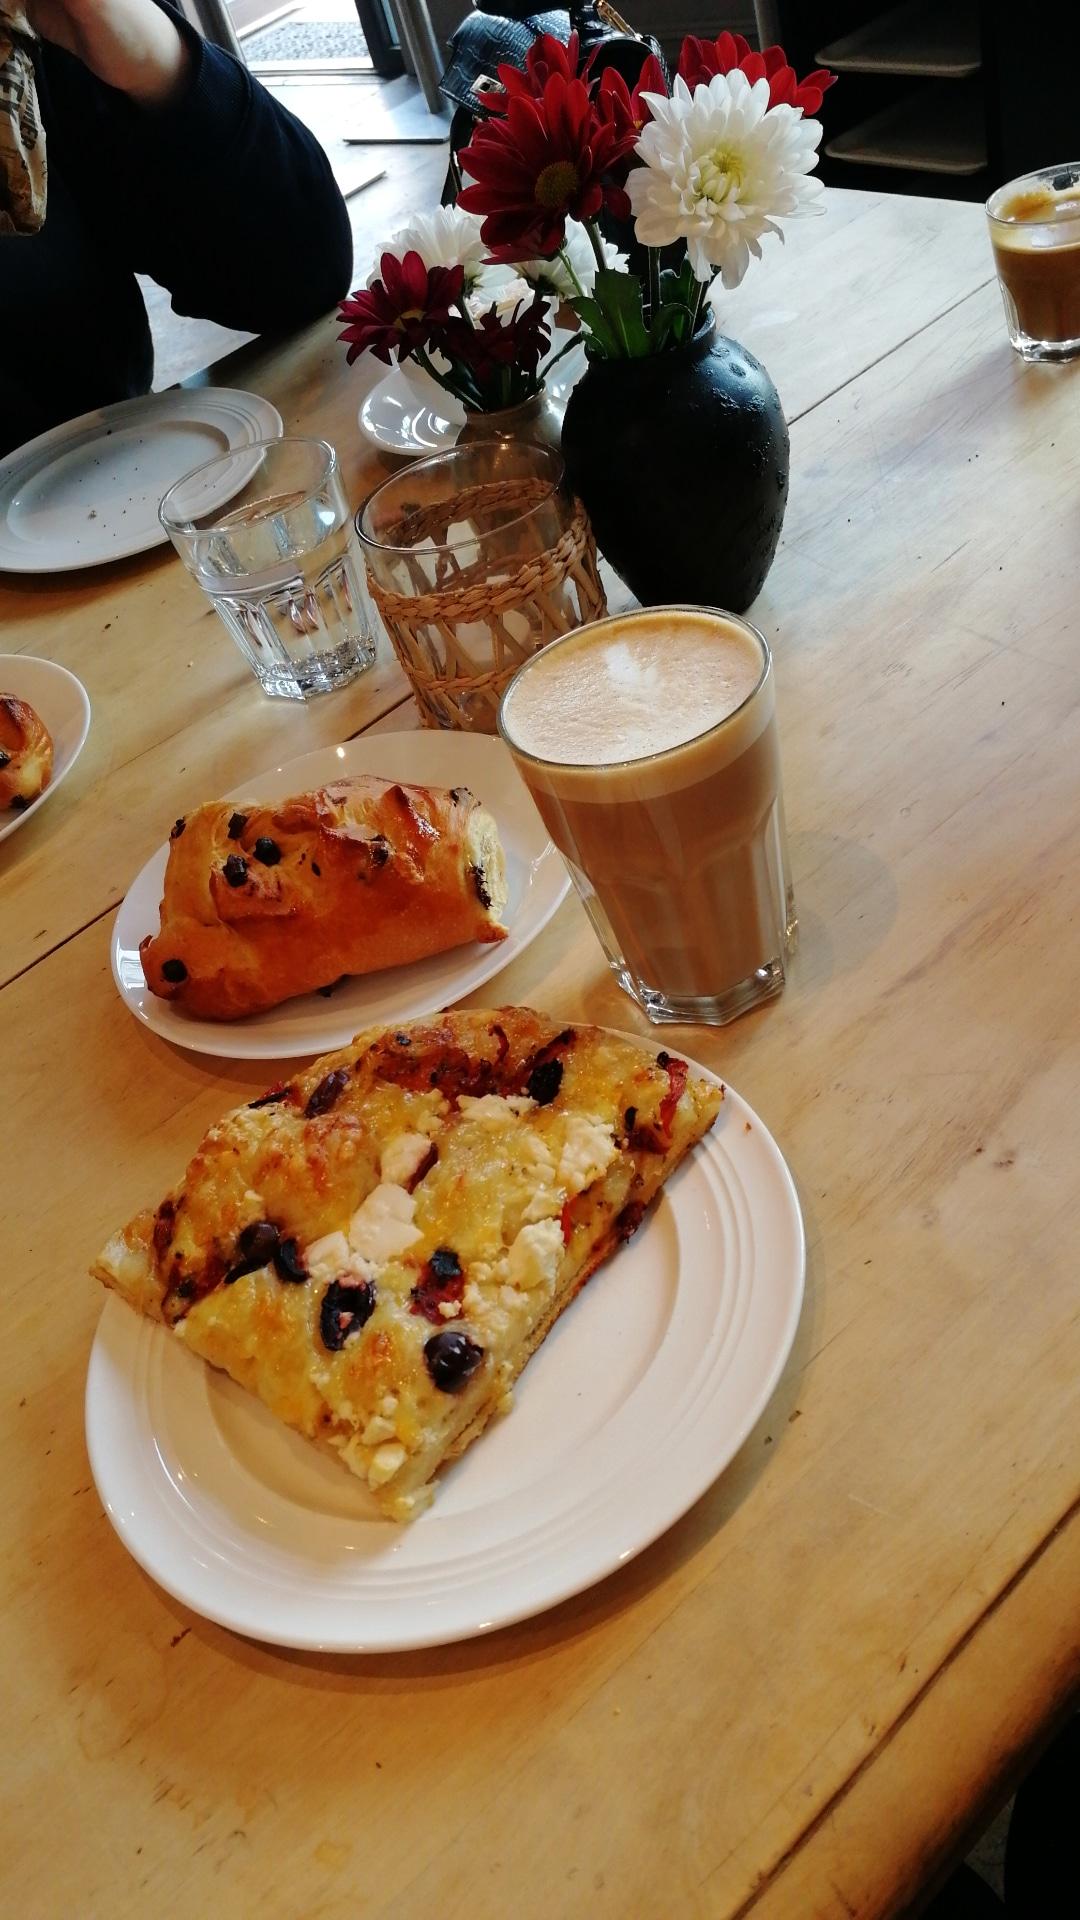 isalicious-blogger-blogg-mote-trend-stil-fashion-style-denim-jeans-mat-kid-shopping-innkjøp-newin-bakeri-kaffe-caffelatte-melkeplett-pizza.jpg